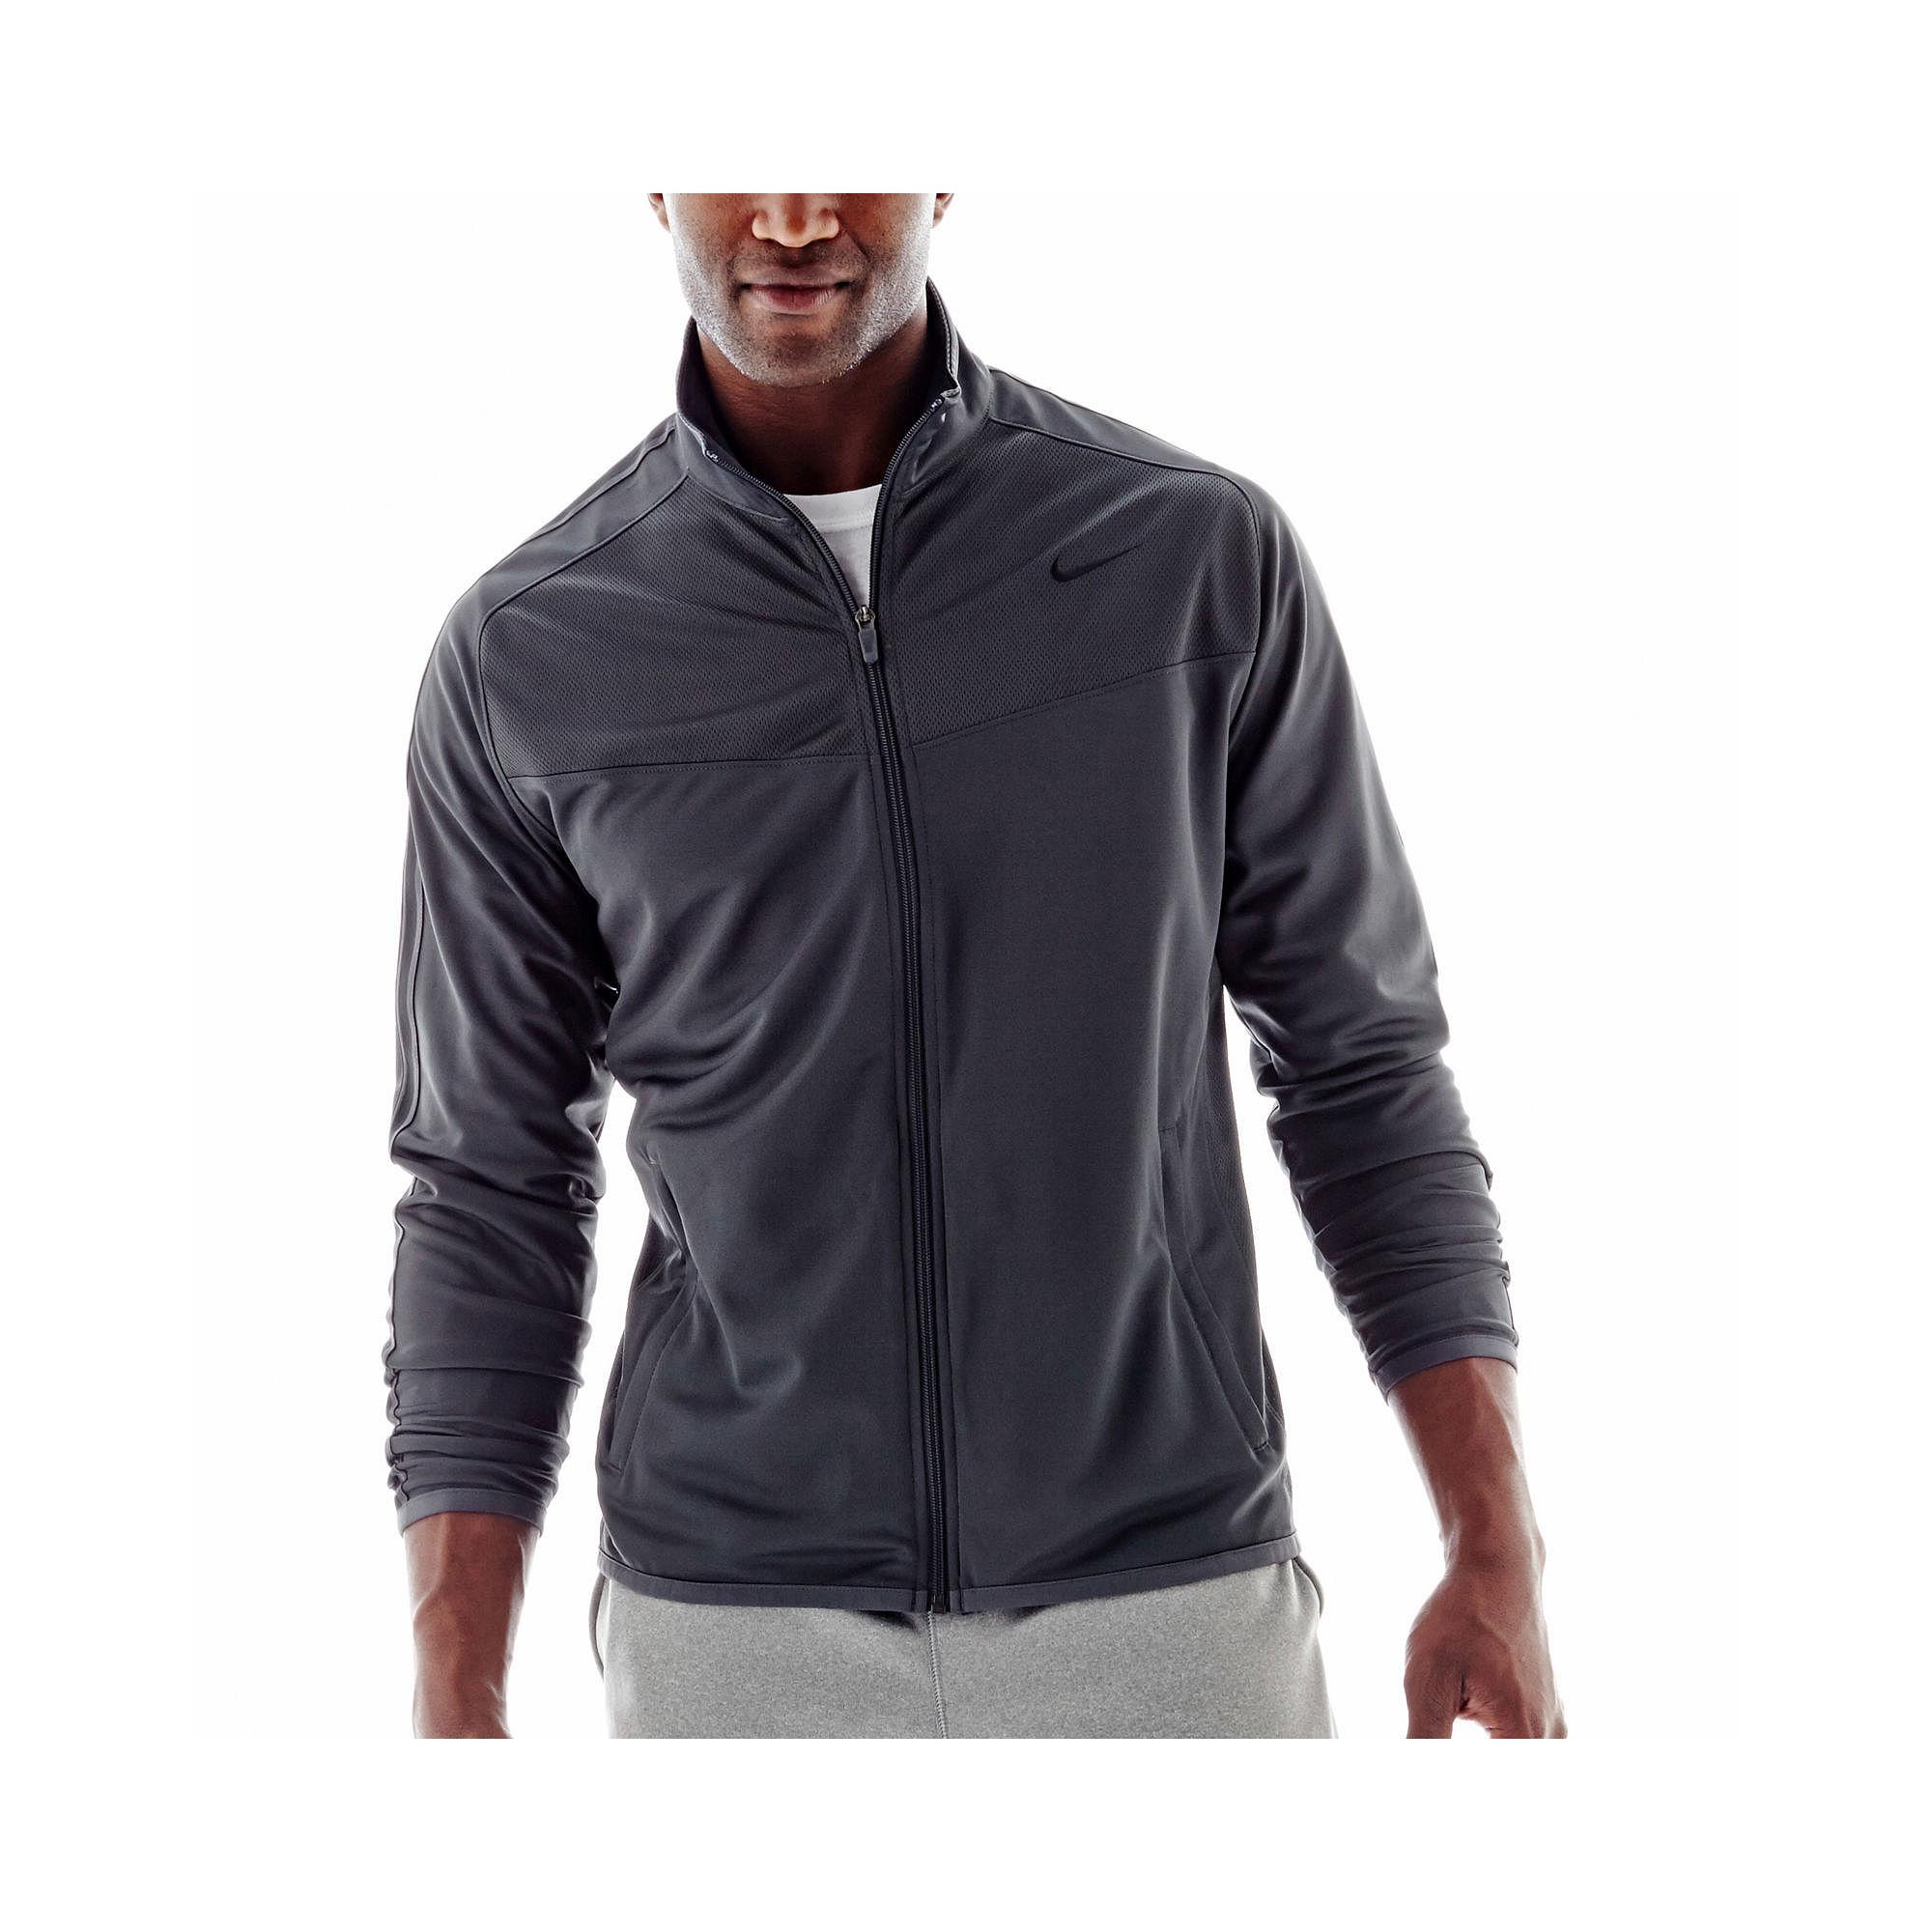 Nike epic jacket - Upc 886916687630 Product Image For New Nike Men S Epic Jacket Anthracite Black Medium Upcitemdb